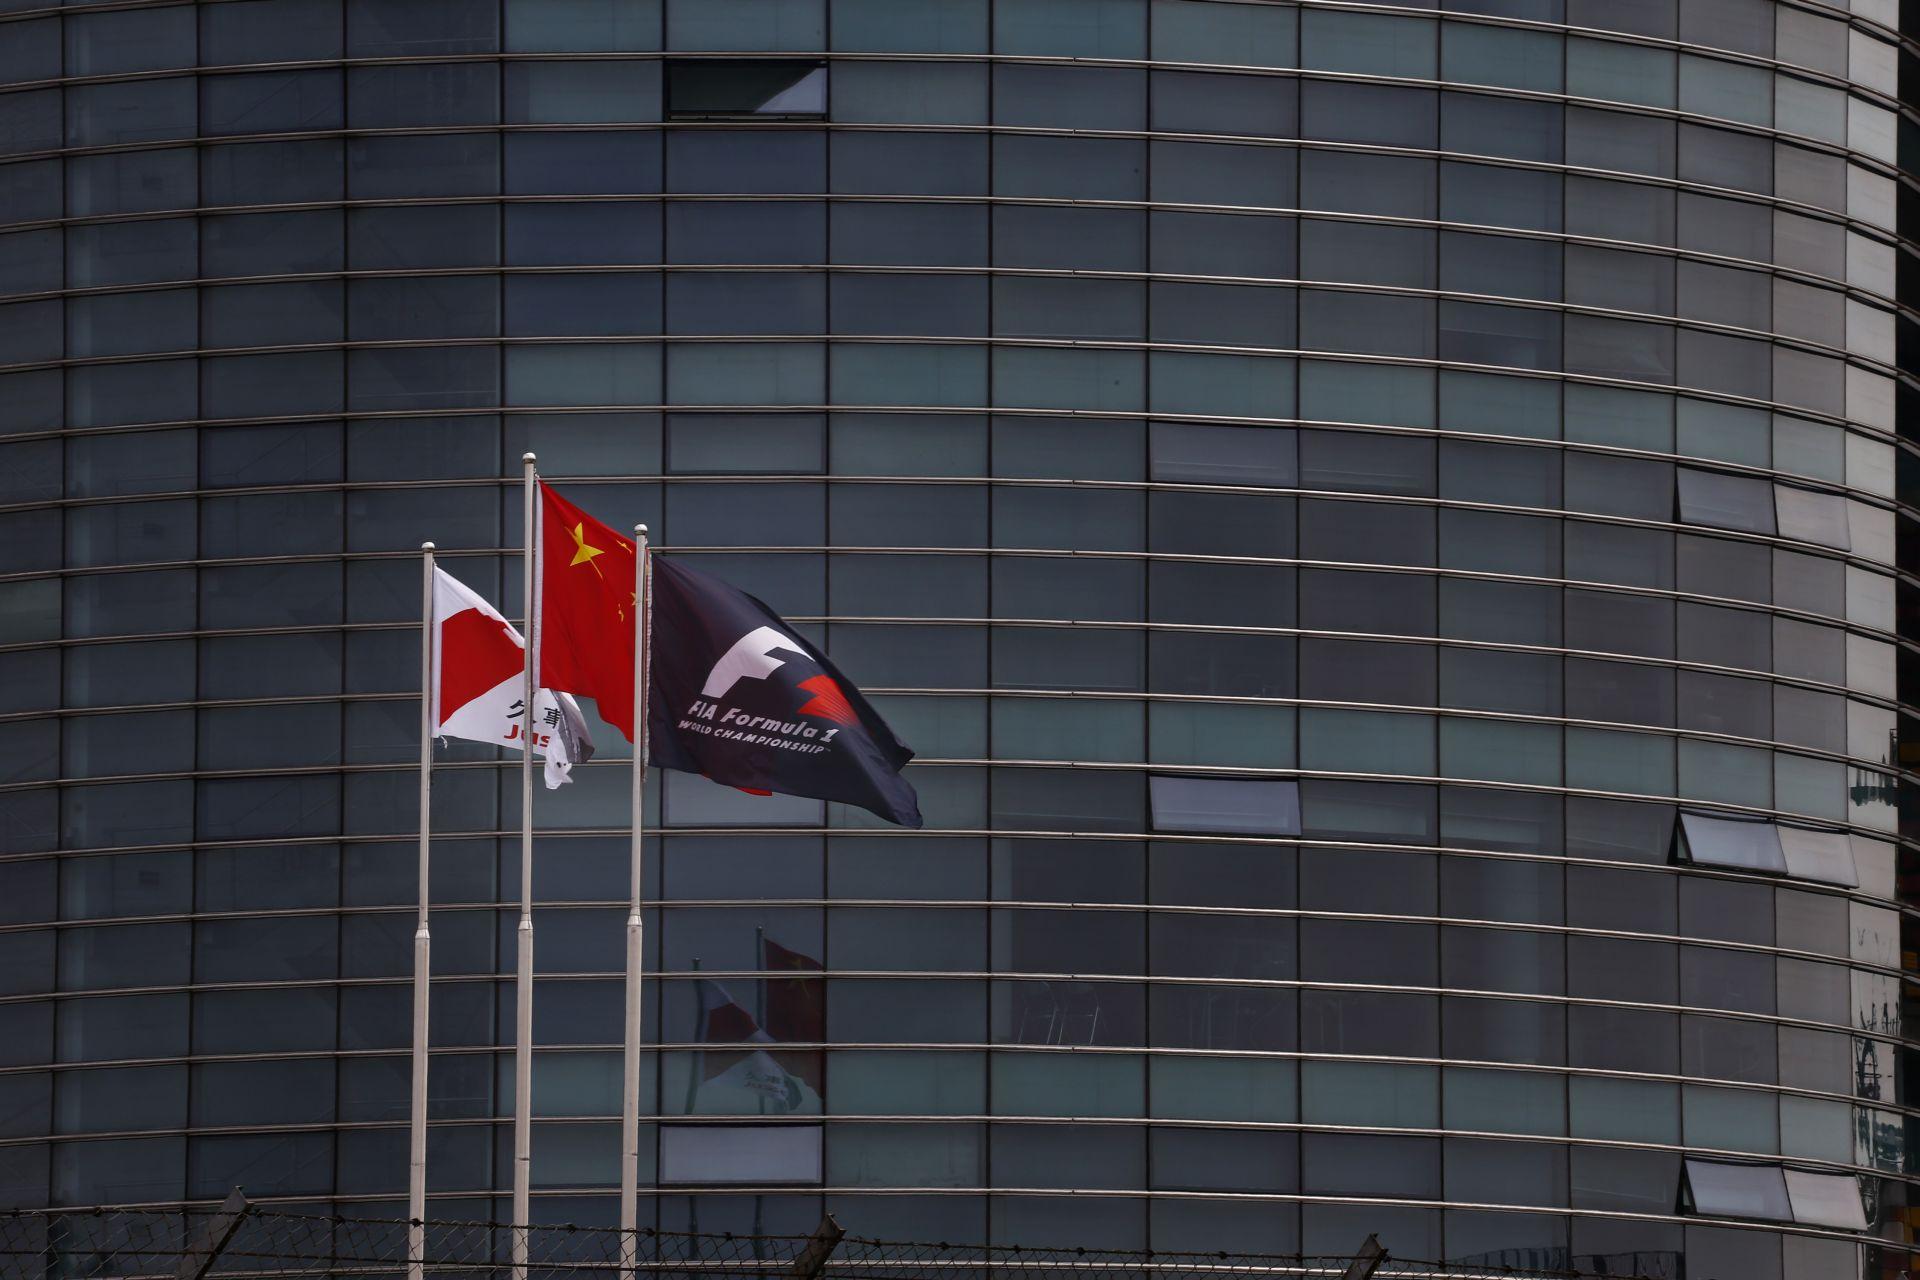 Az EU a Stratégiai Csoportot vizsgálja – a FIFA botrány miatt?